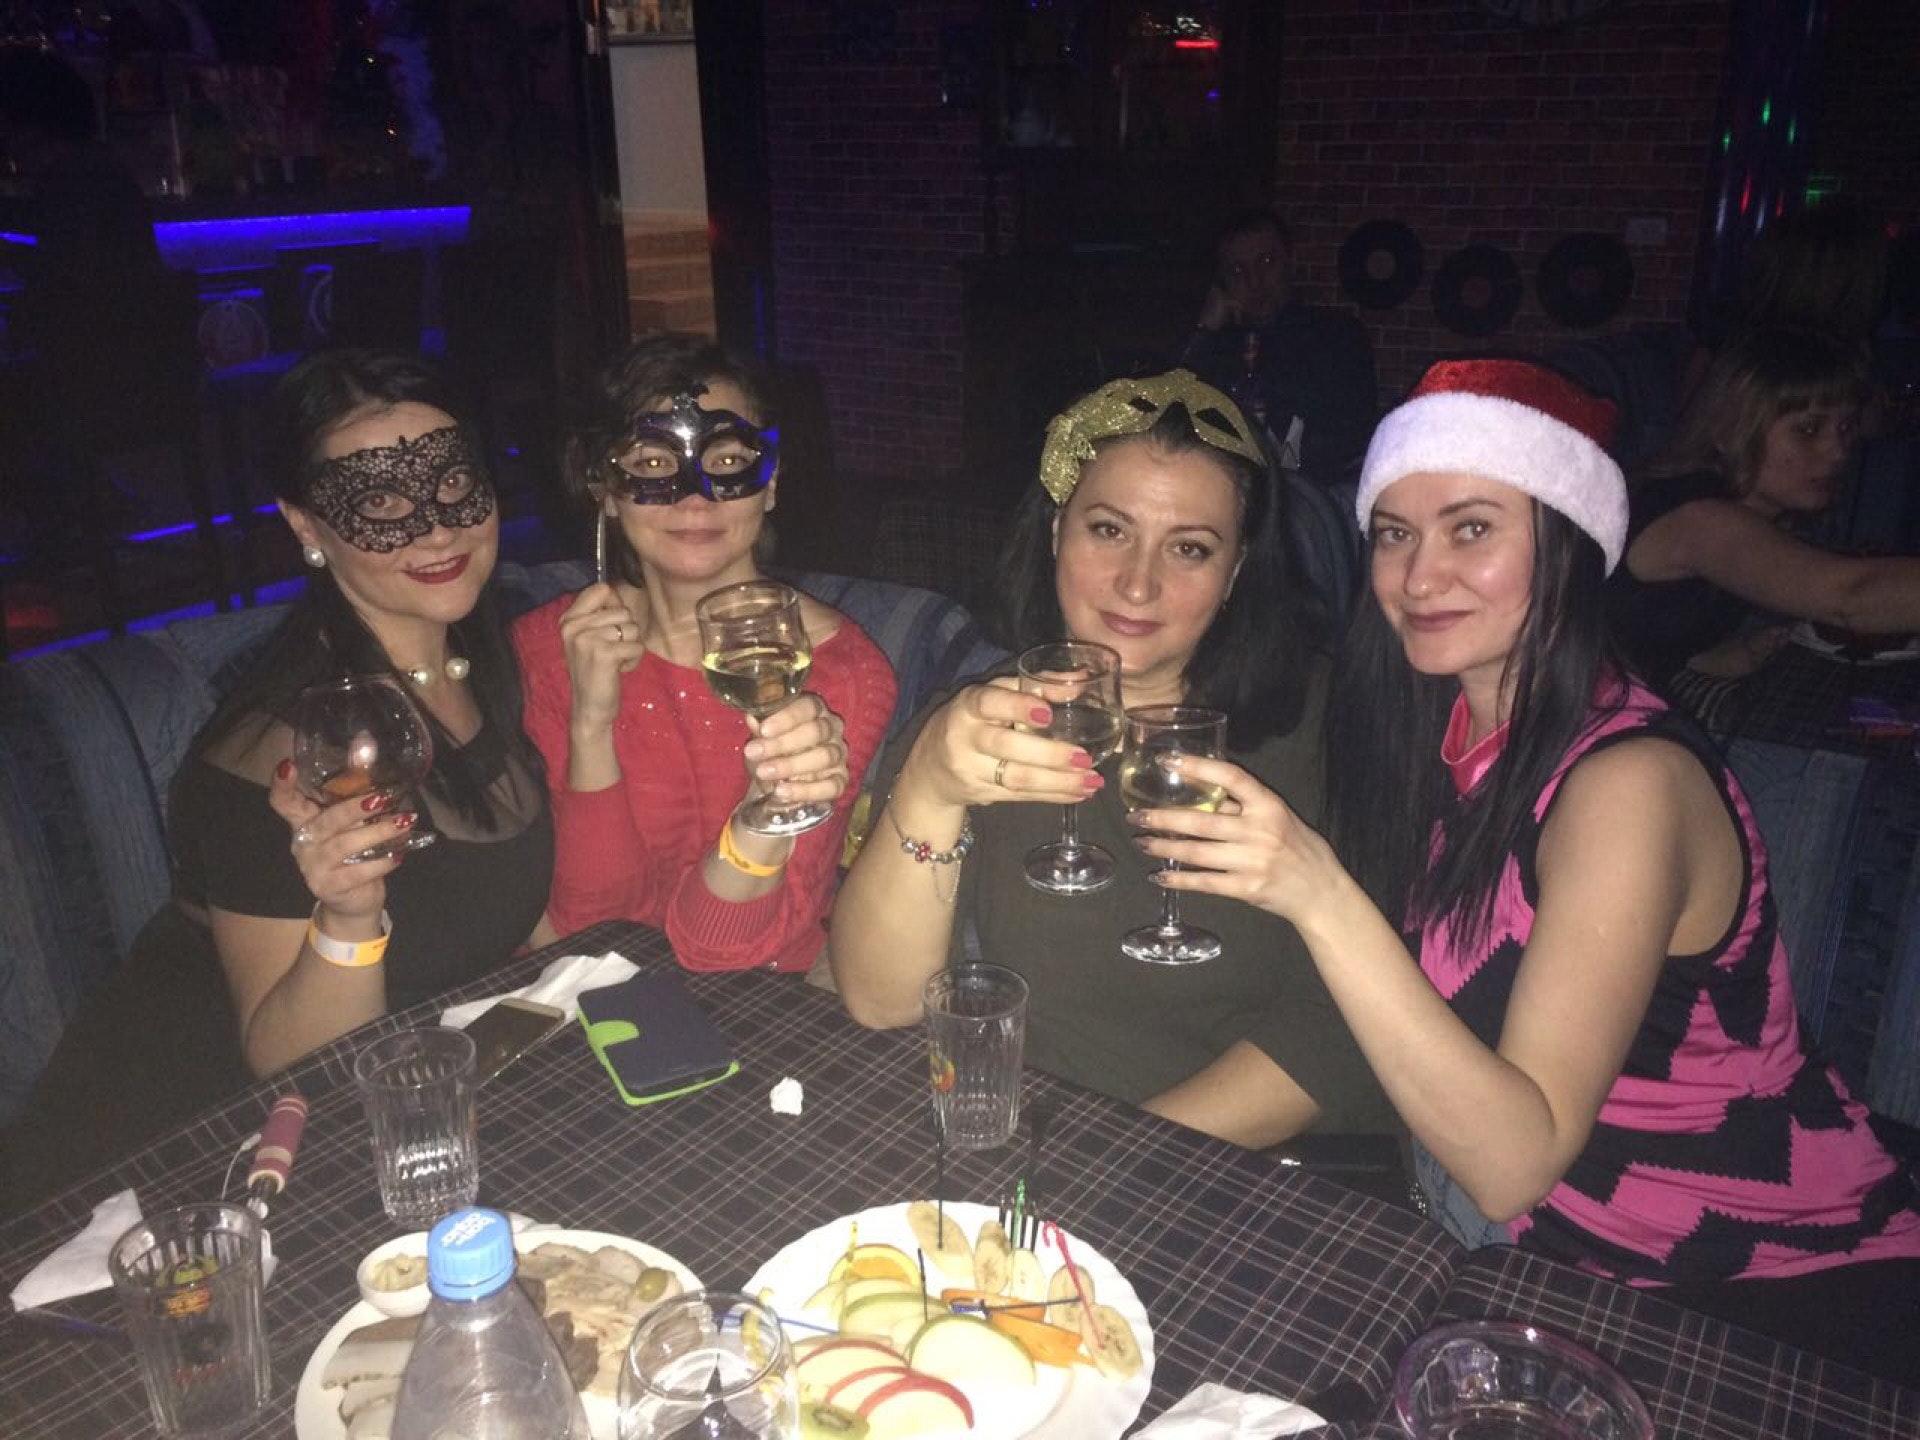 Ночной клуб винил владивосток фотоотчет дубаи видео ночные клубы